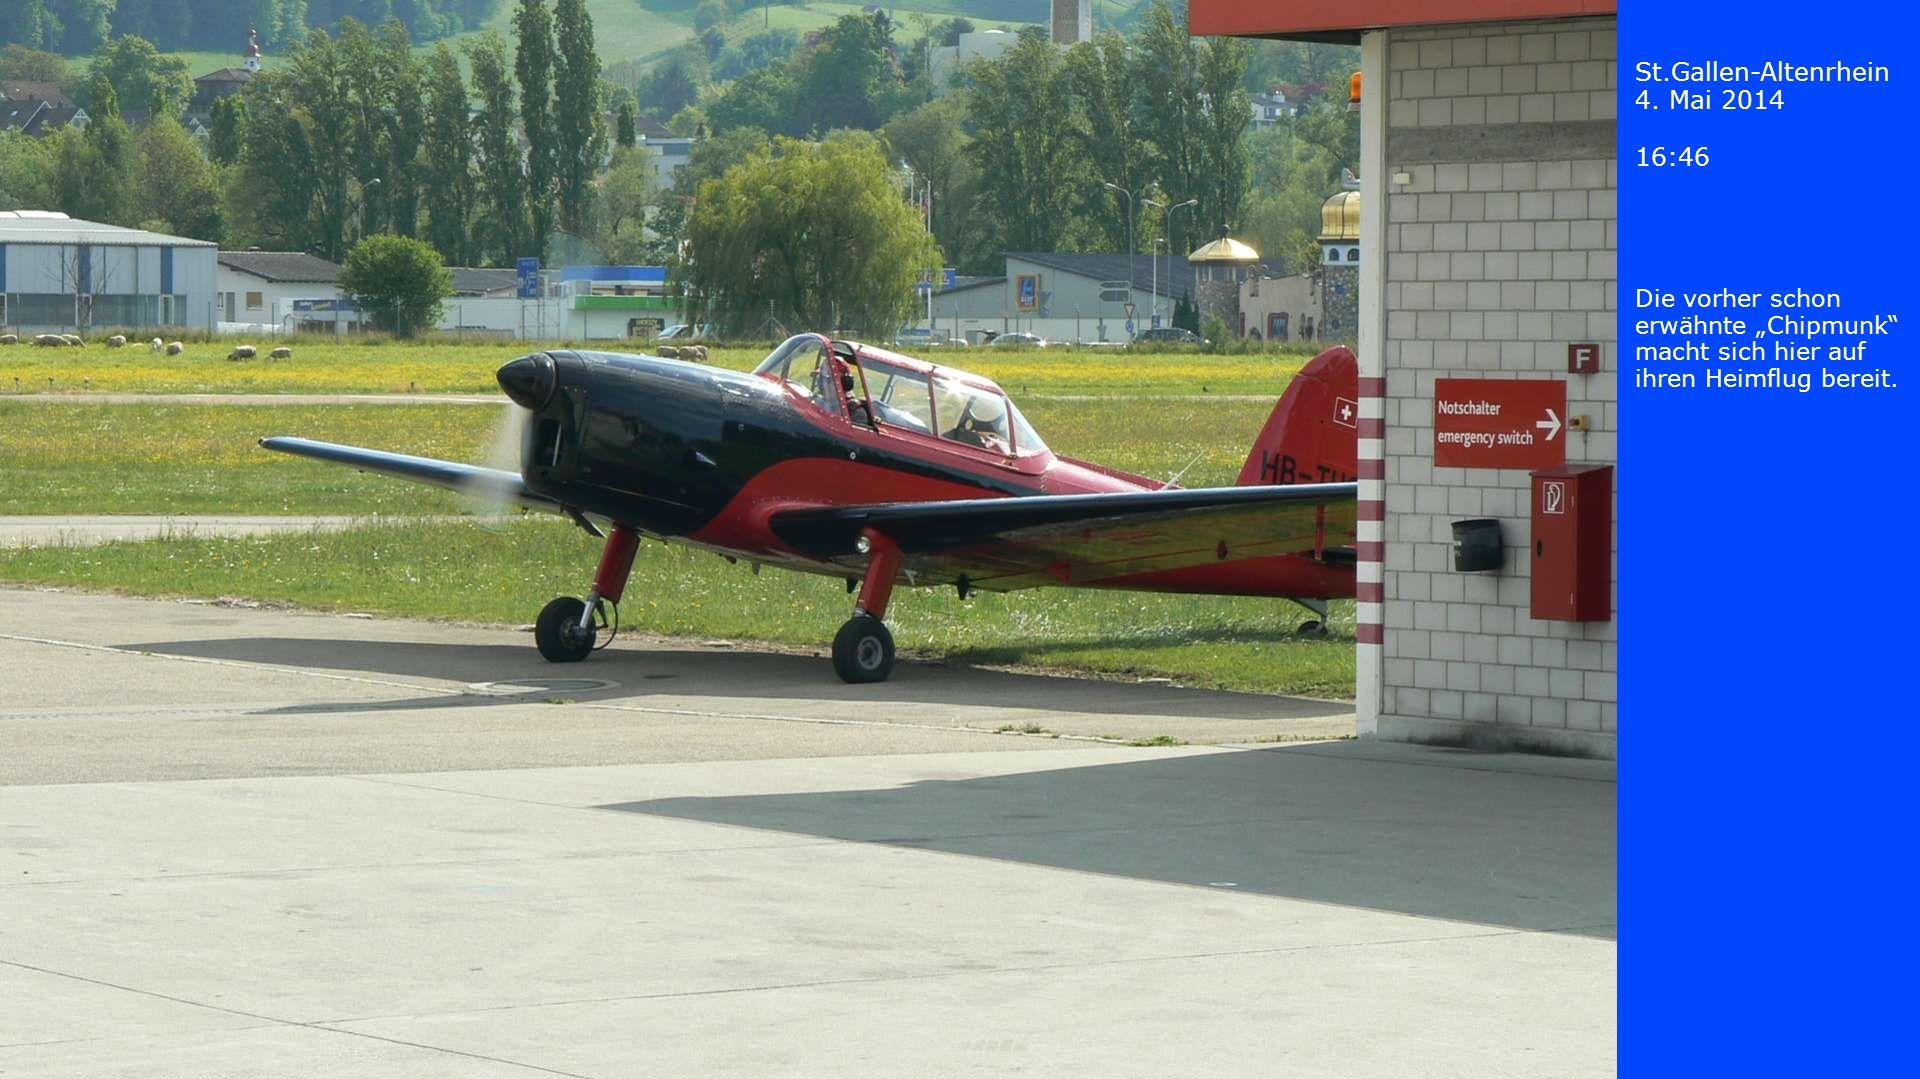 St.Gallen-Altenrhein 4. Mai 2014 16:46 Die vorher schon erwähnte Chipmunk macht sich hier auf ihren Heimflug bereit.